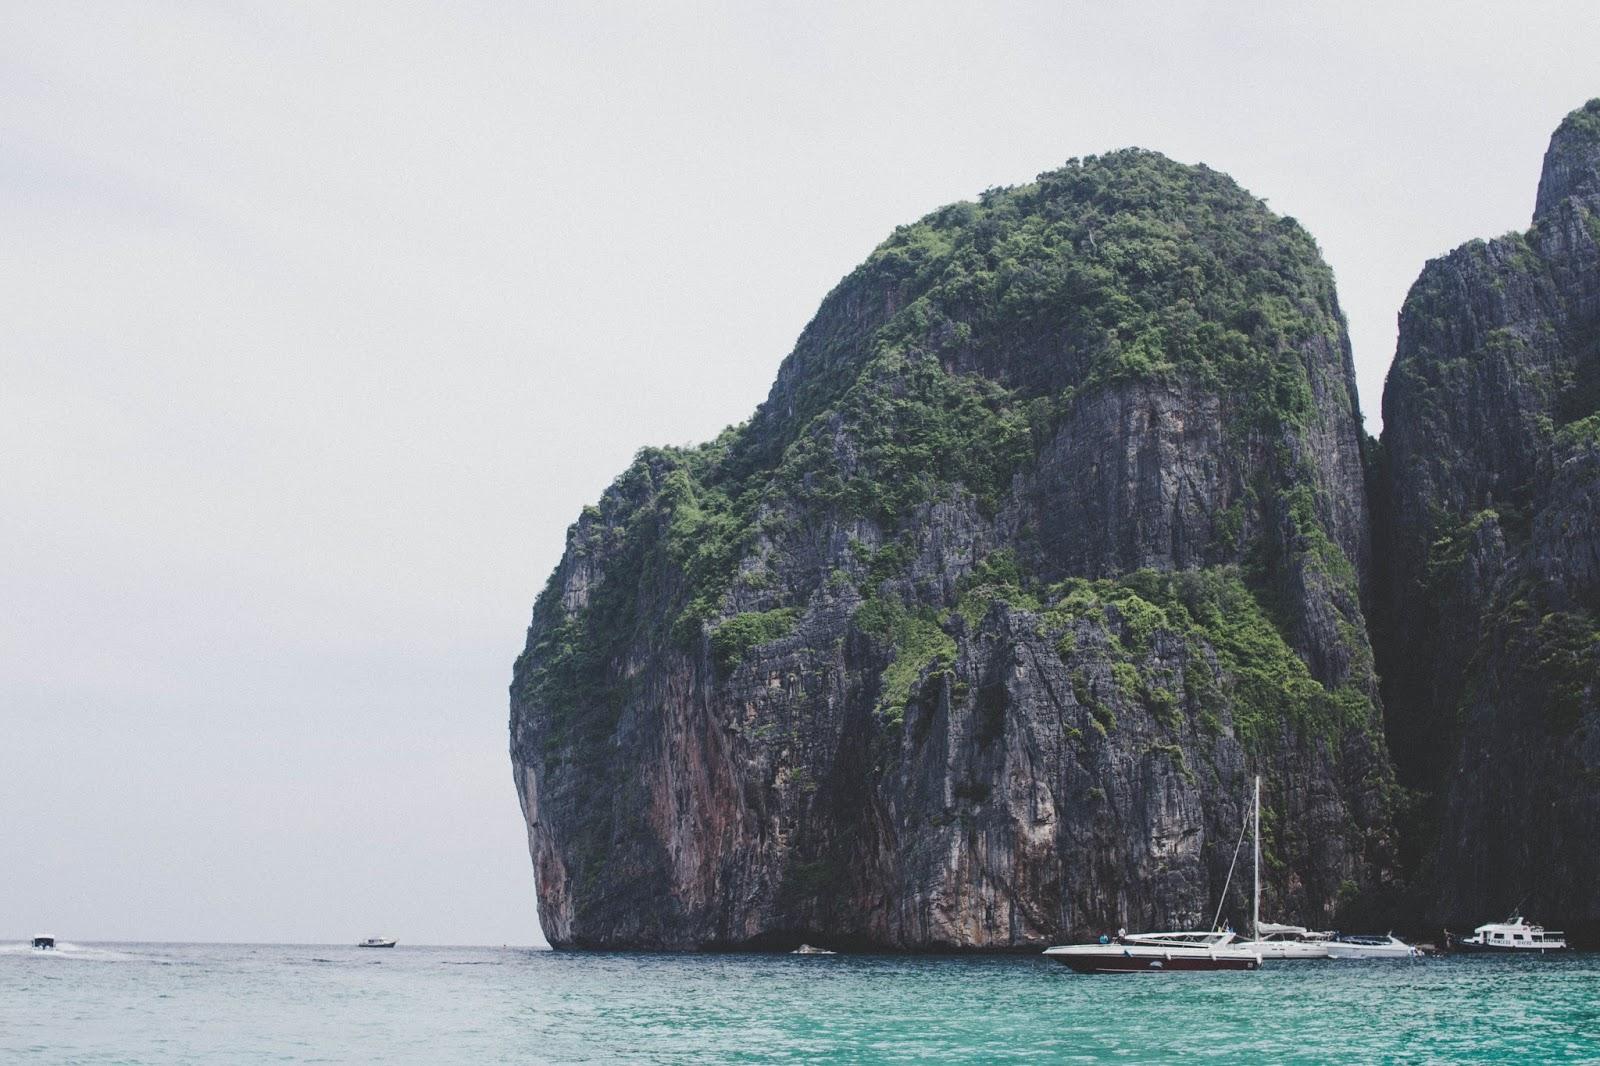 phuket-maya-bay-travel-ko-phi-phi-dc-blog-travelblog